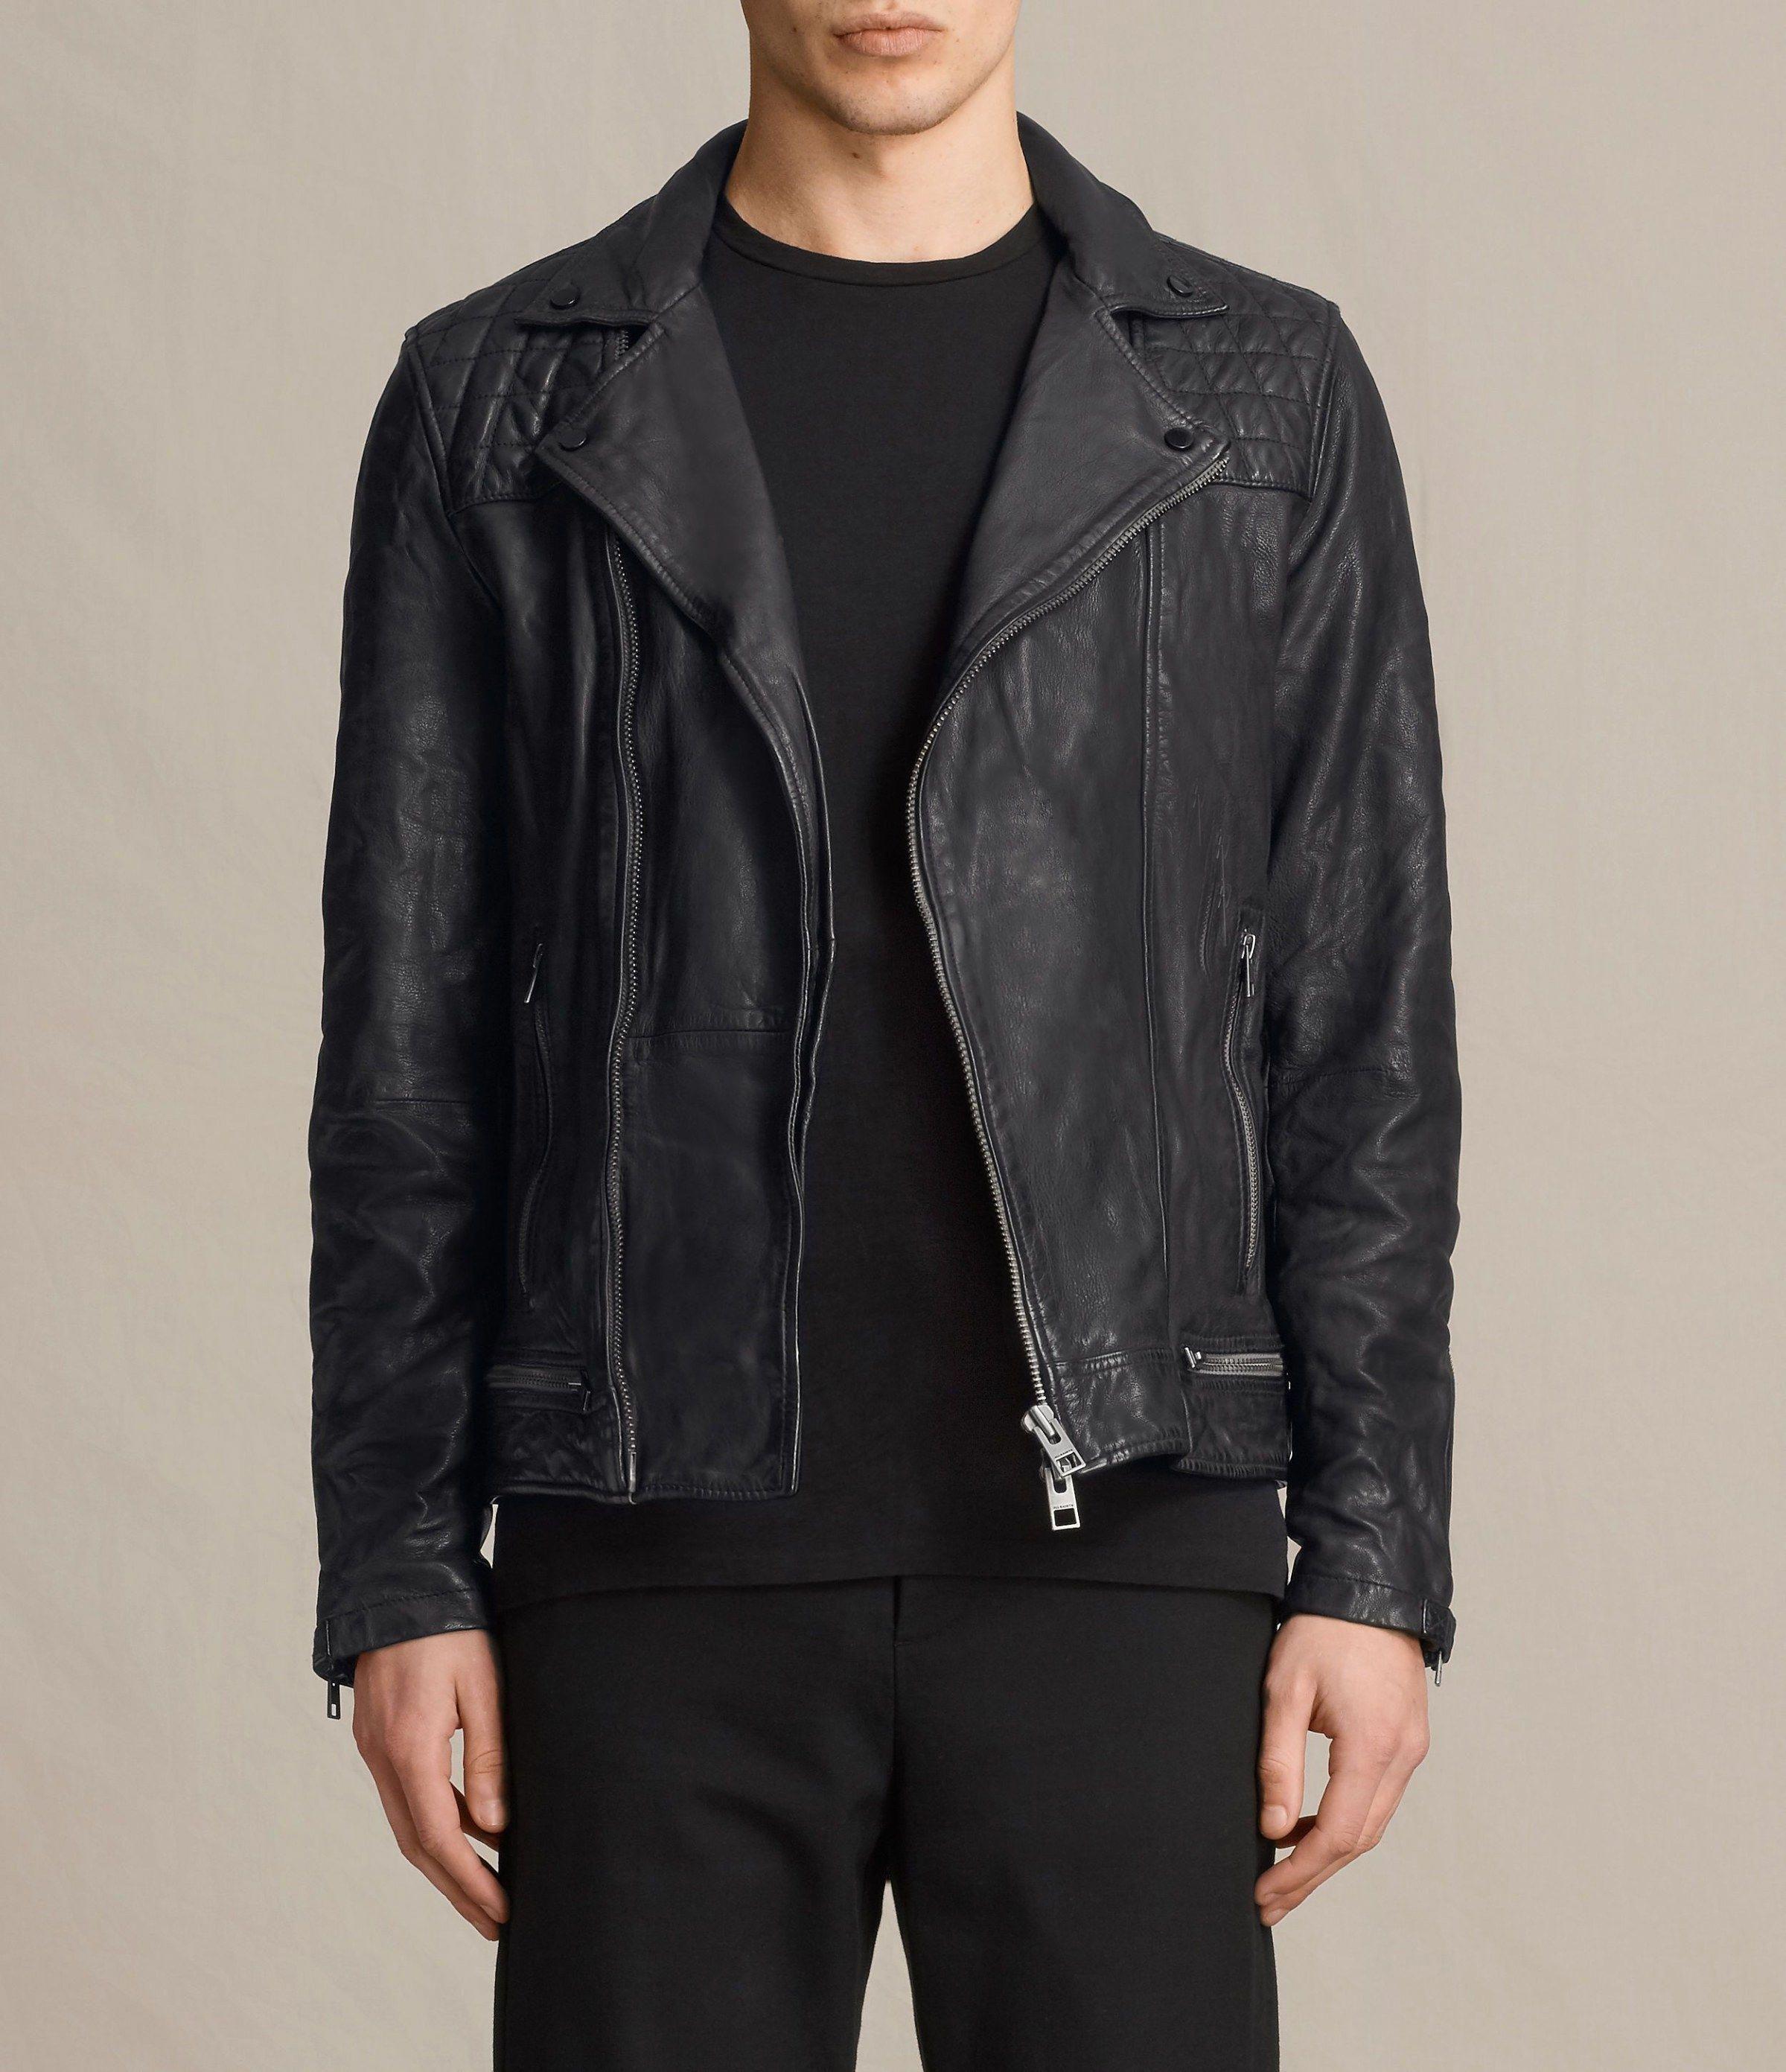 navy blue jacket mens. Black leather jacket men, Leather